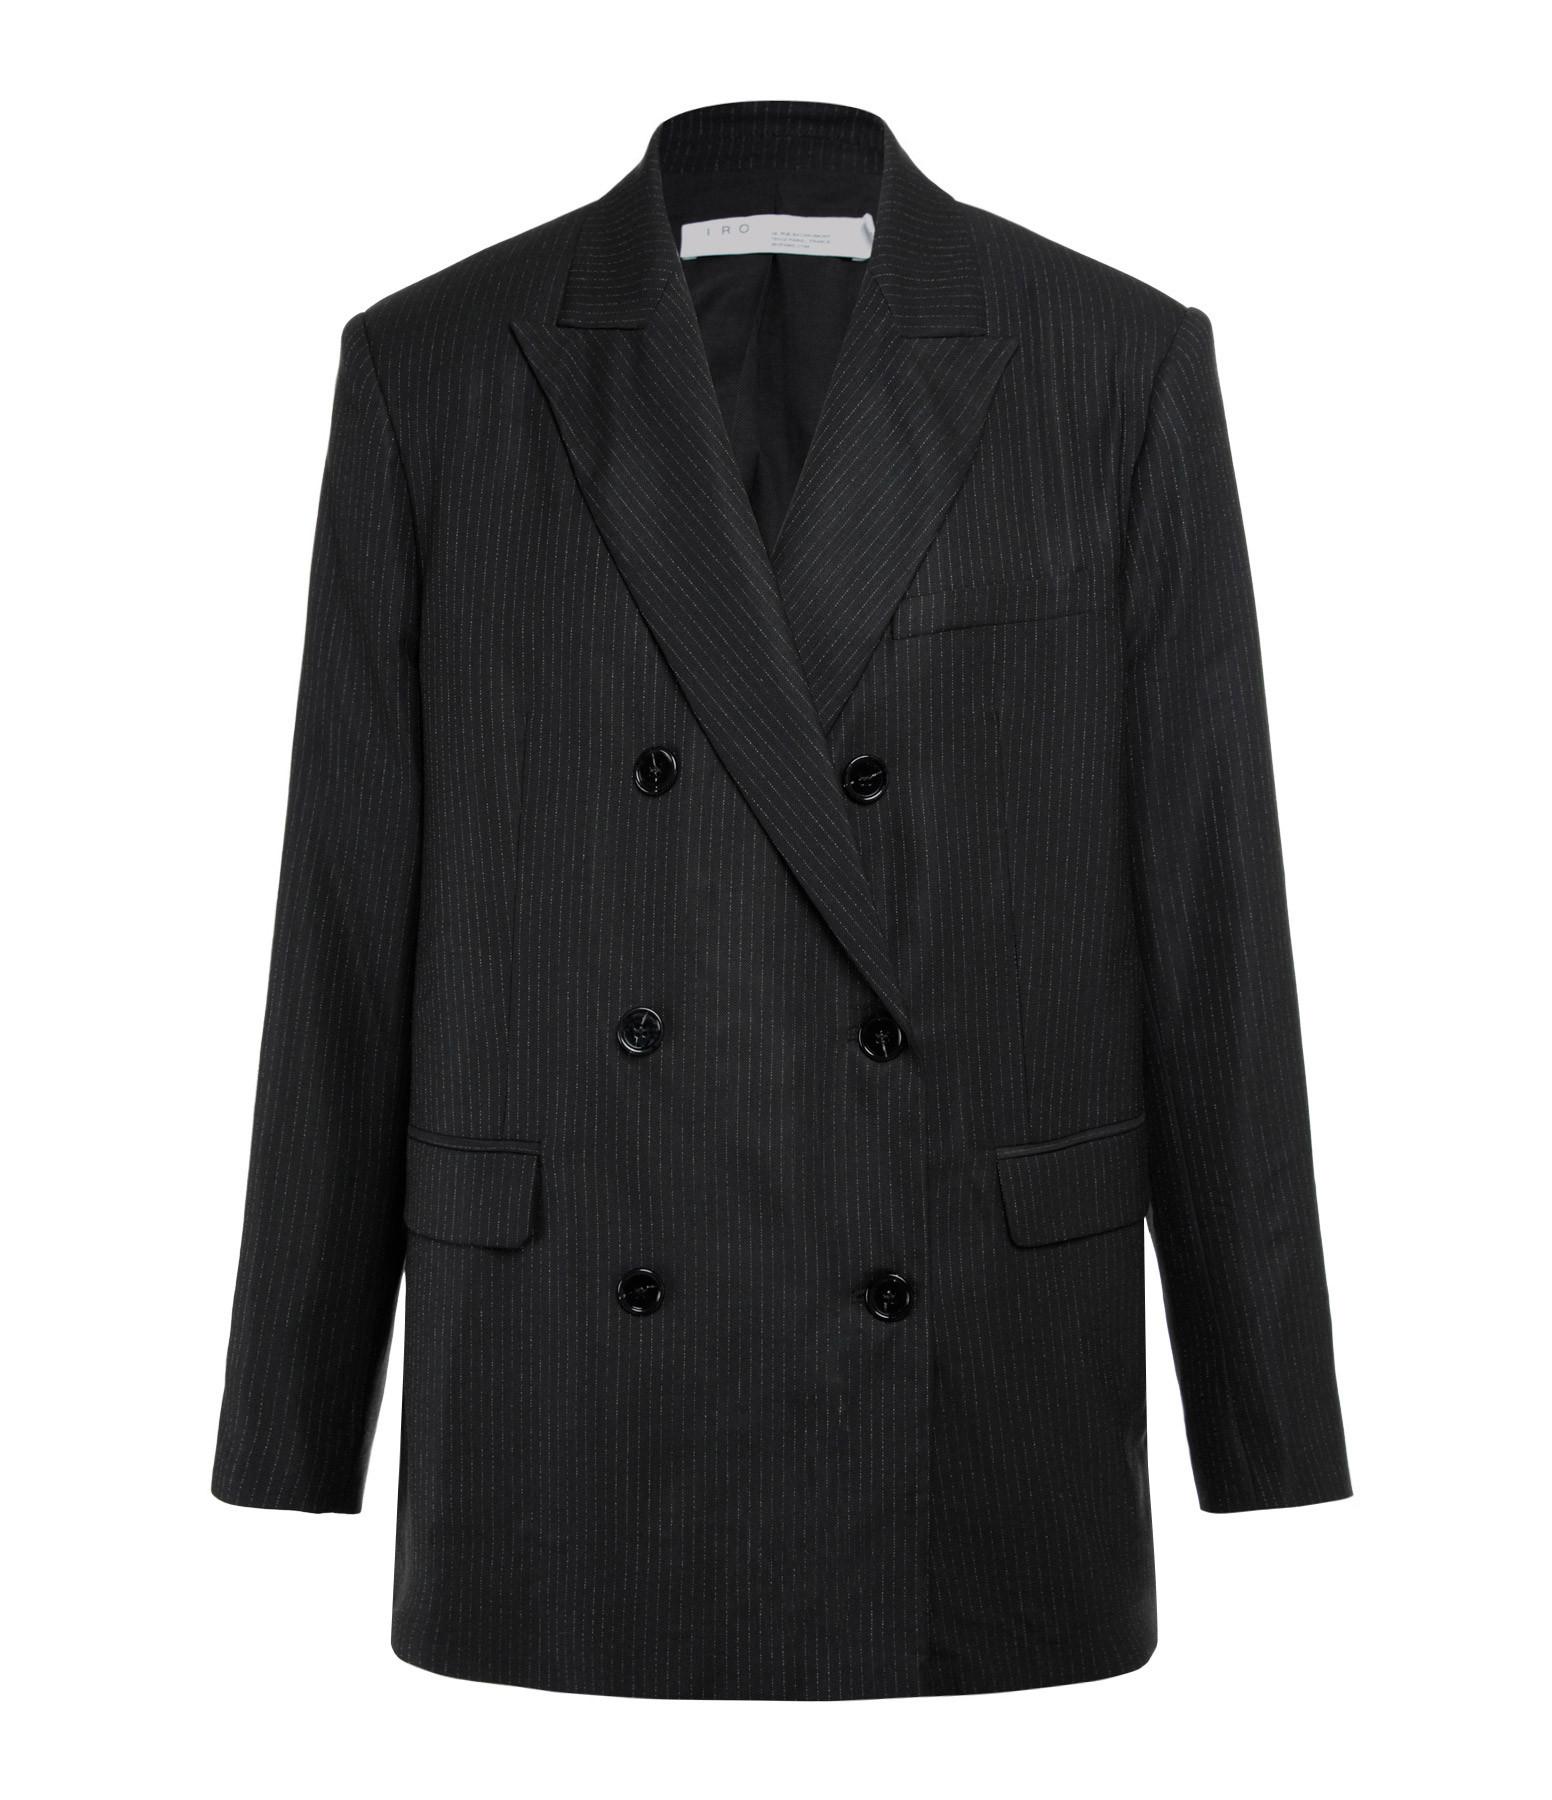 IRO - Veste Blazer Nelisa Coton Noir